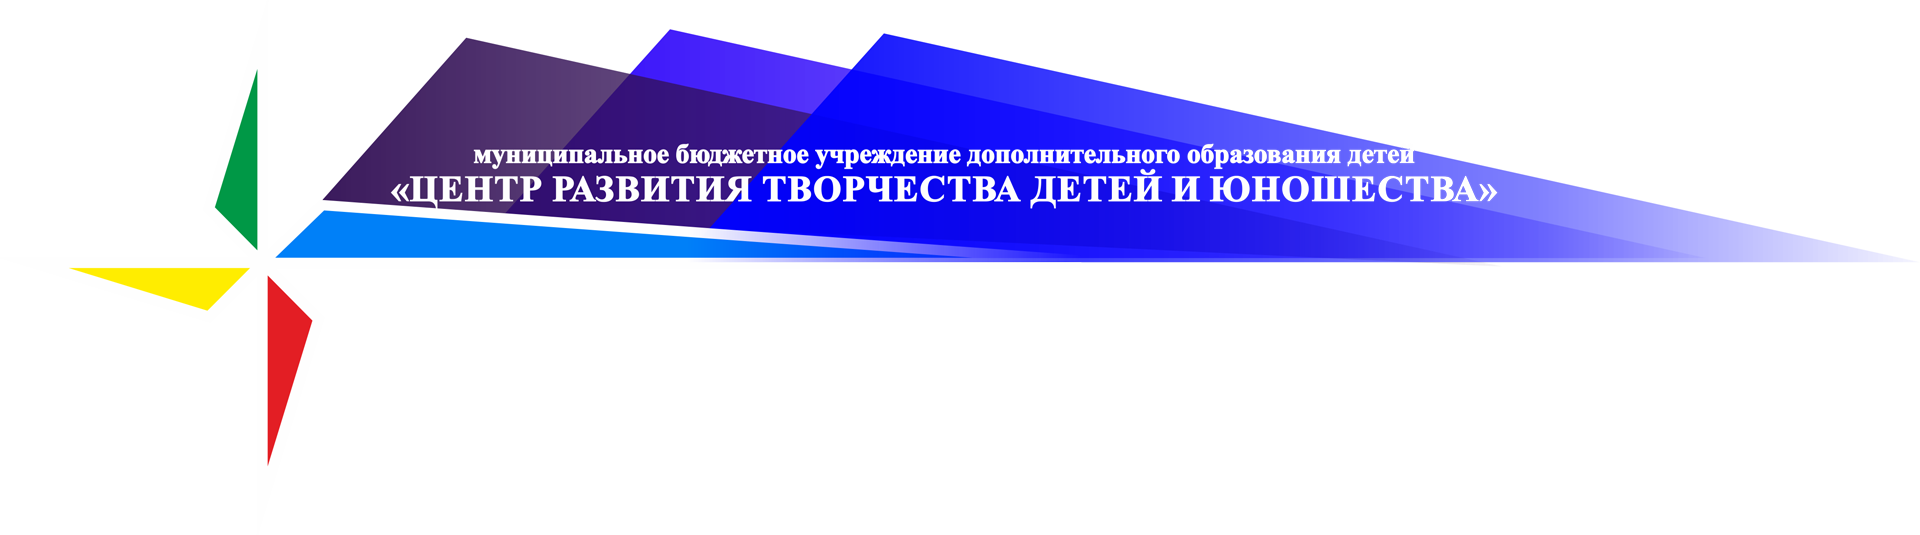 ЦРТДиЮ, г. Ханты-Мансийск